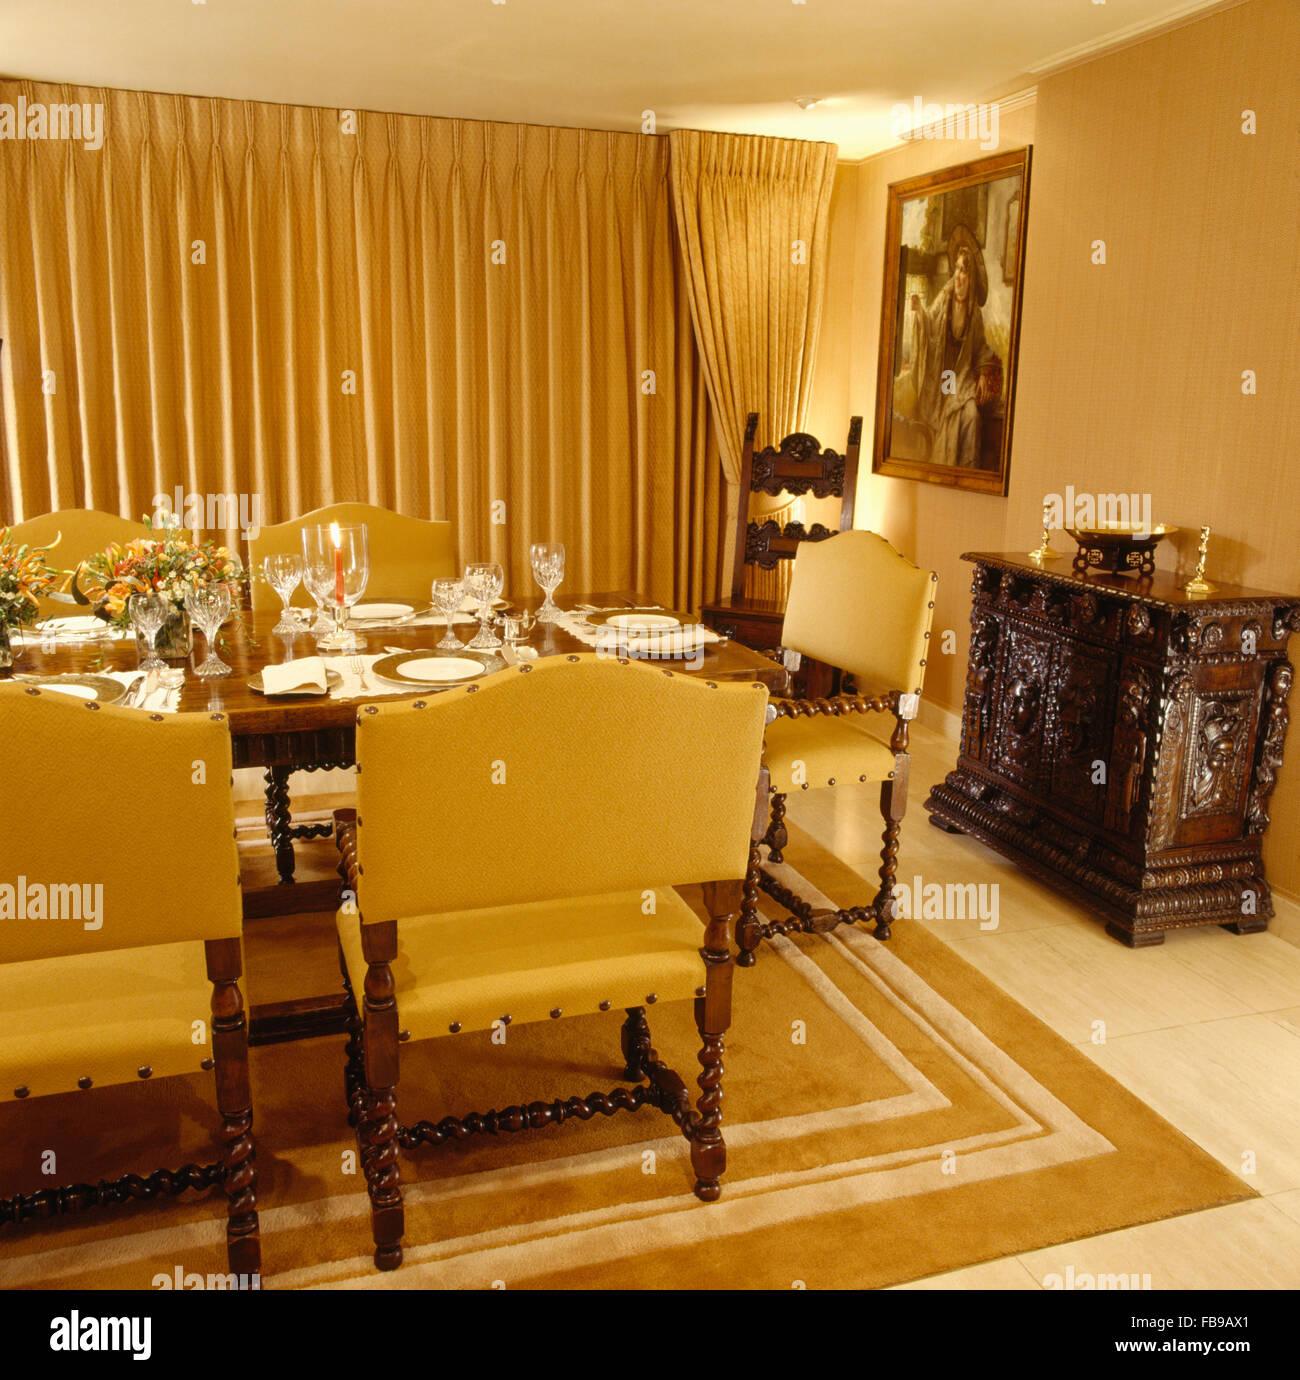 Meubles Chaises Jaune Au Tableau 80 Pour Le Diner Dans Une Salle A